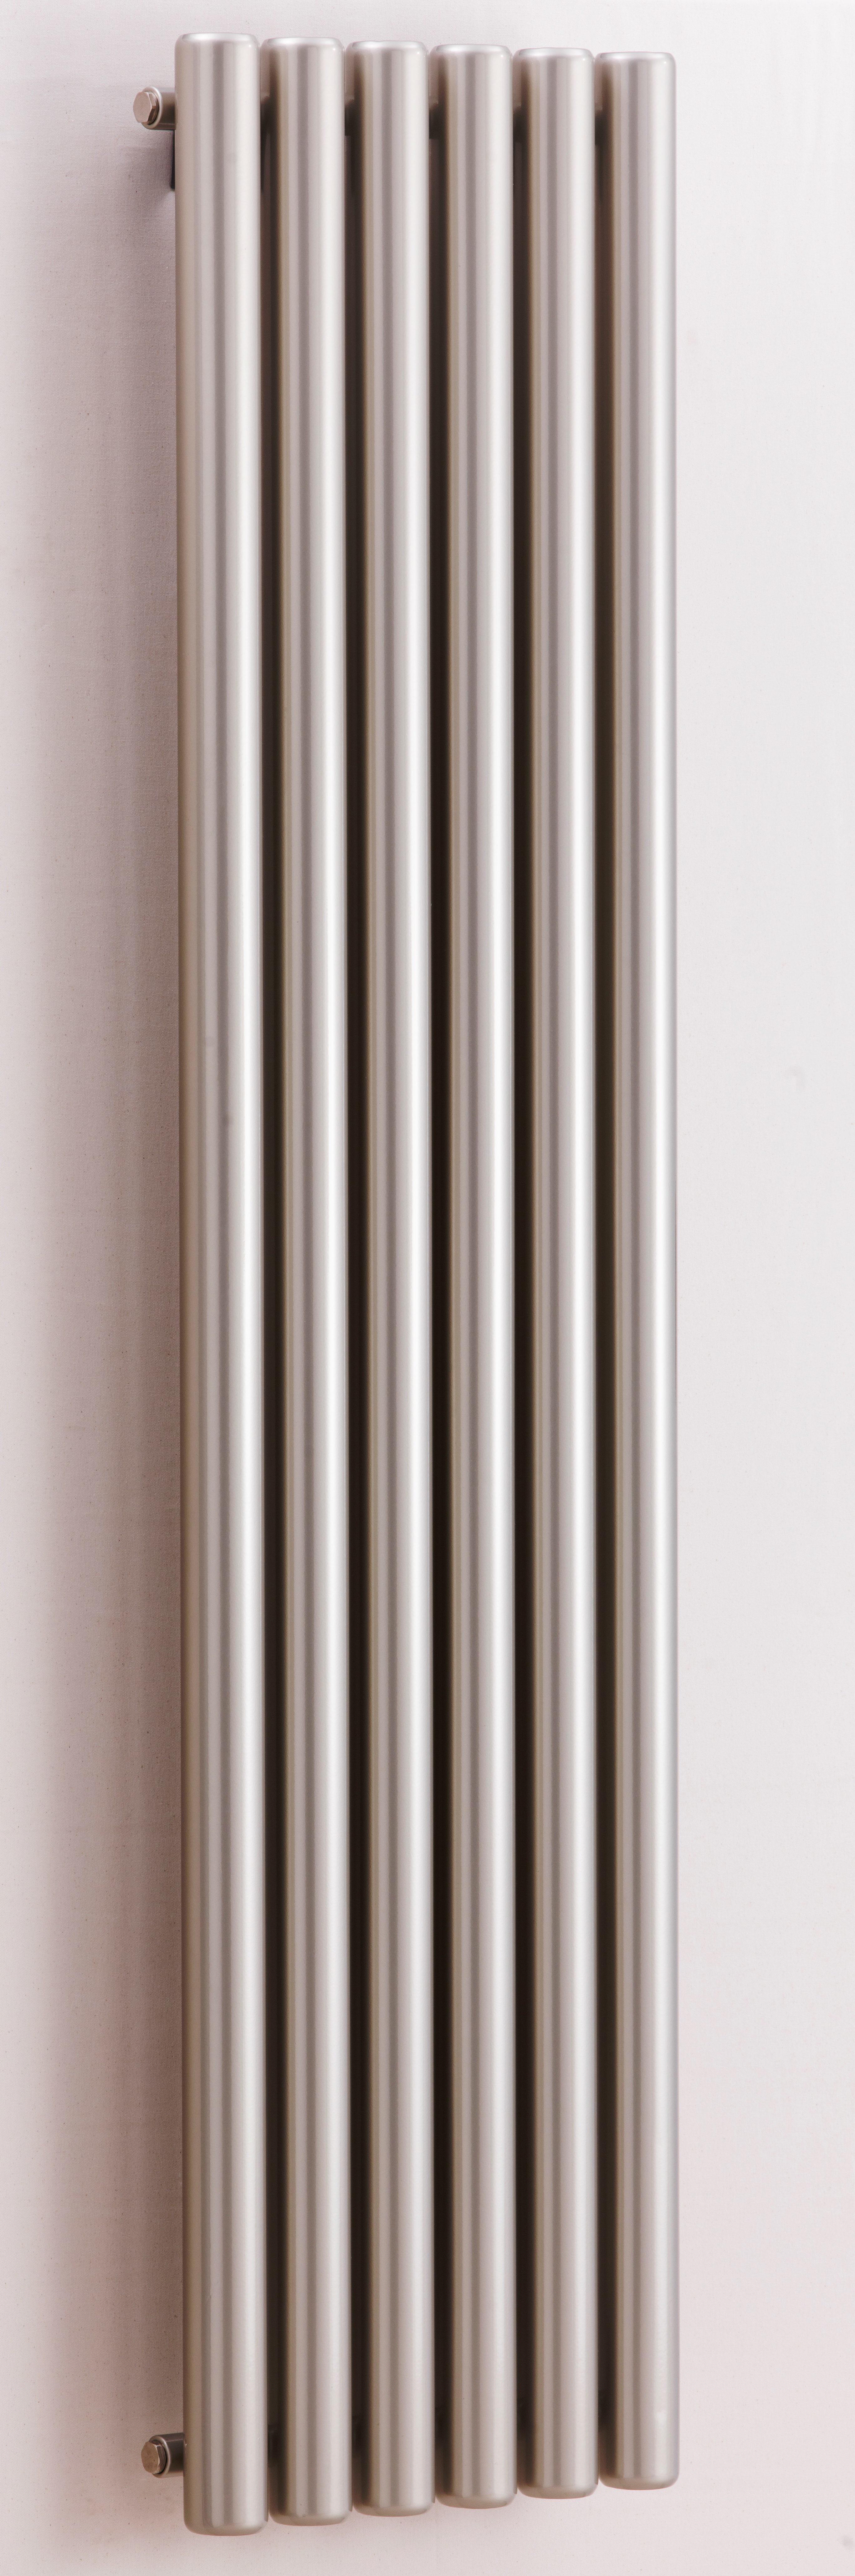 AG Grzejnik Elektryczny Ag Vulcanico Is Elektryczny Inox Szlifowany 600x360mm A.WU.IS.K.E.600.360.IS.d50l